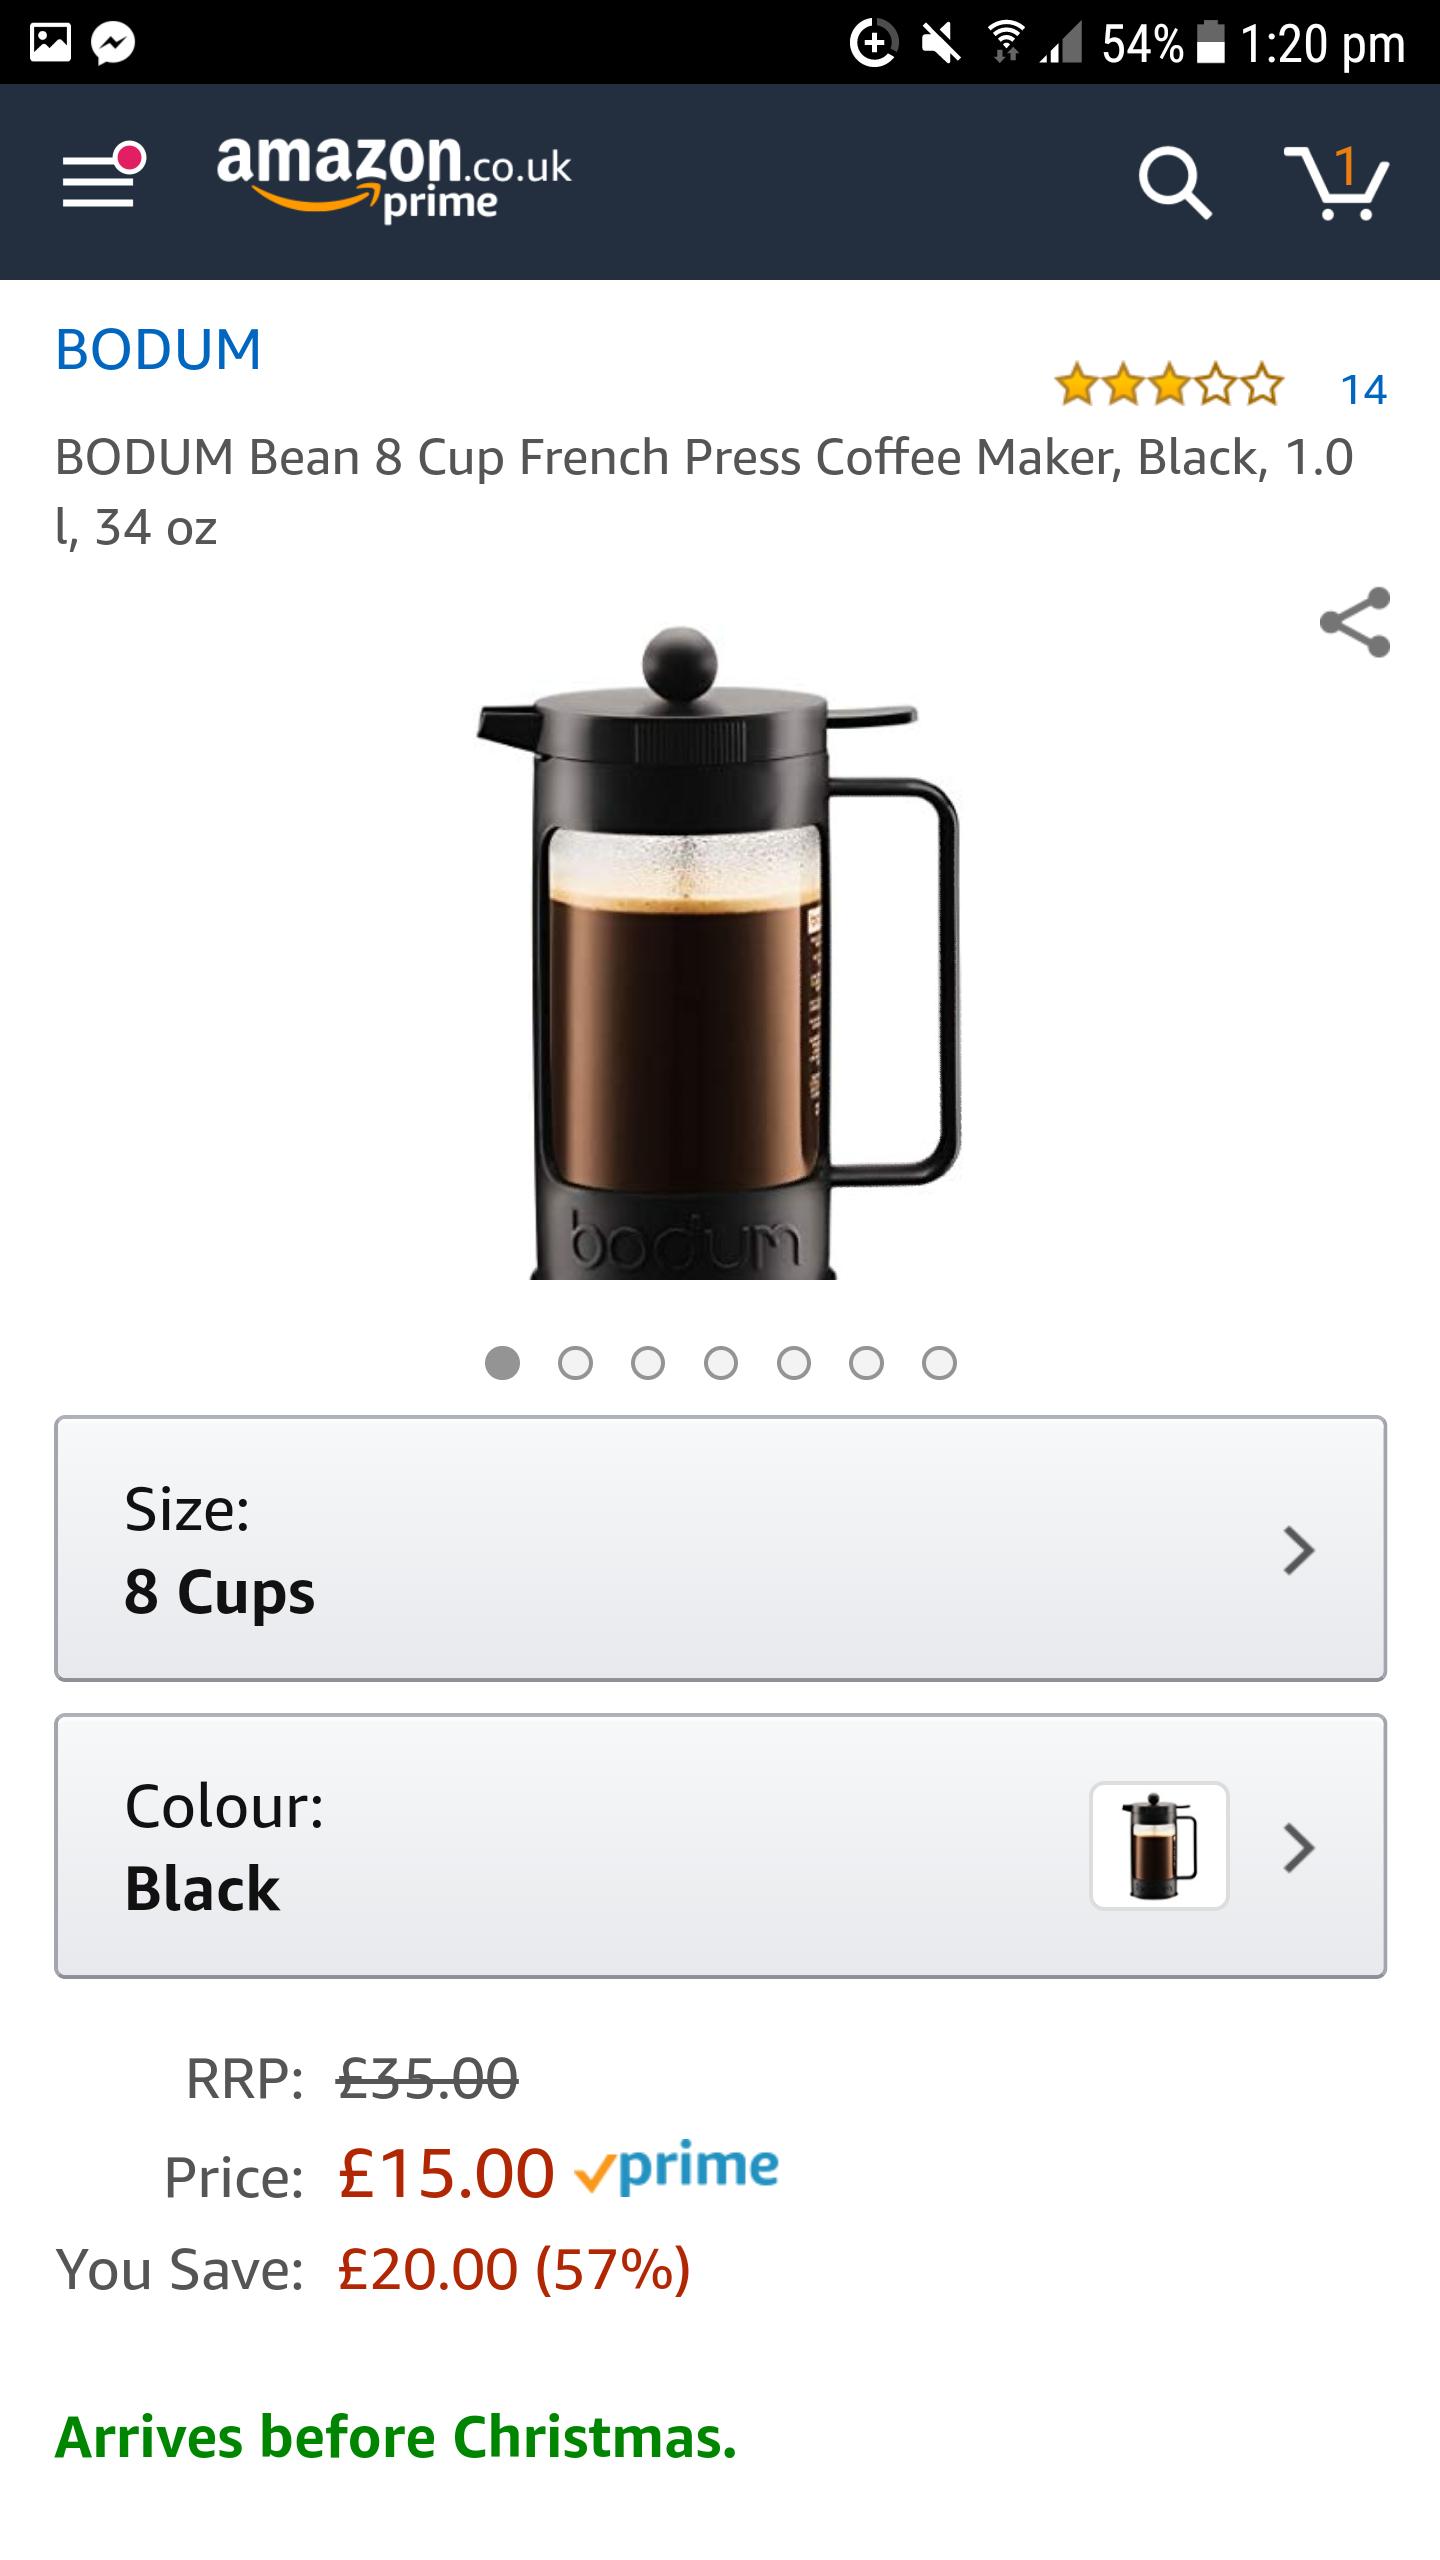 Bodum 8 Cup French Press Coffee Maker £15 prime / £19.49 non prime @ Amazon